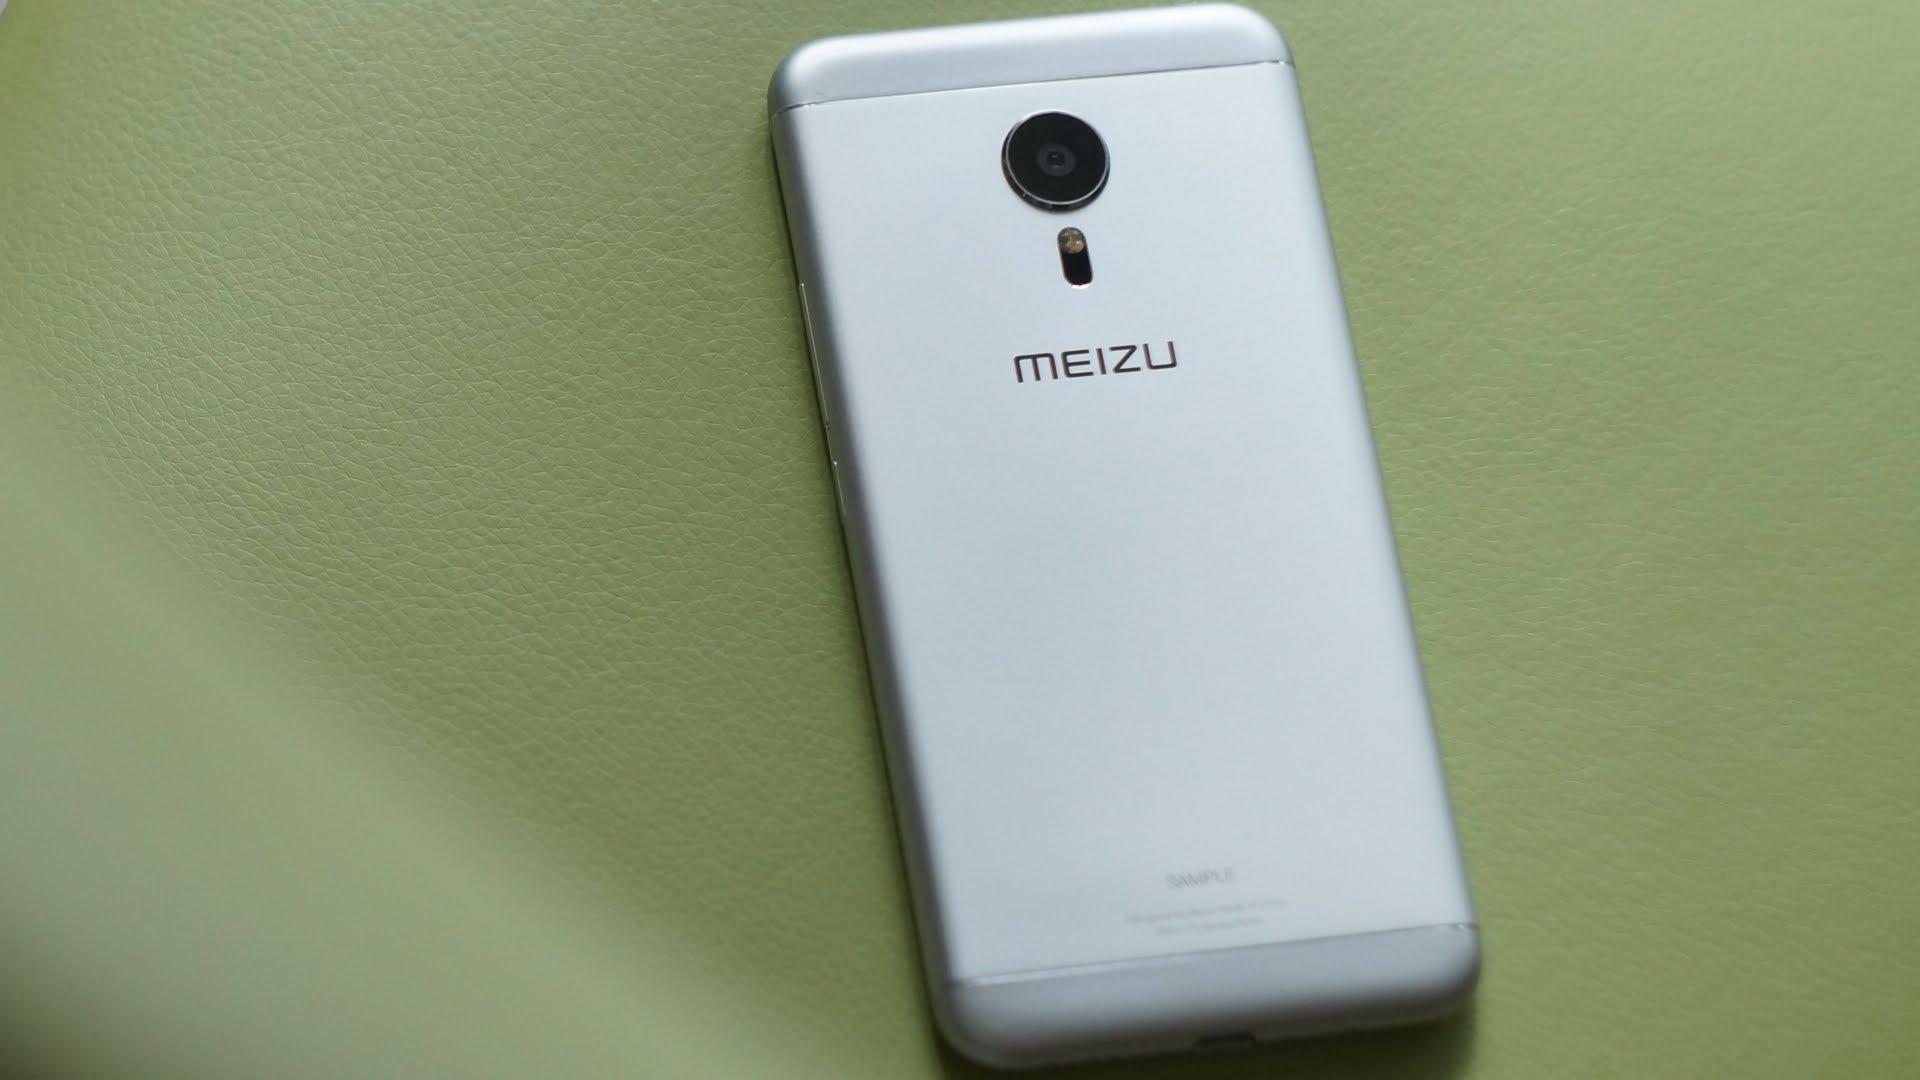 تعرف علي مواصفات و مميزات هواتف Meizu الجديدة